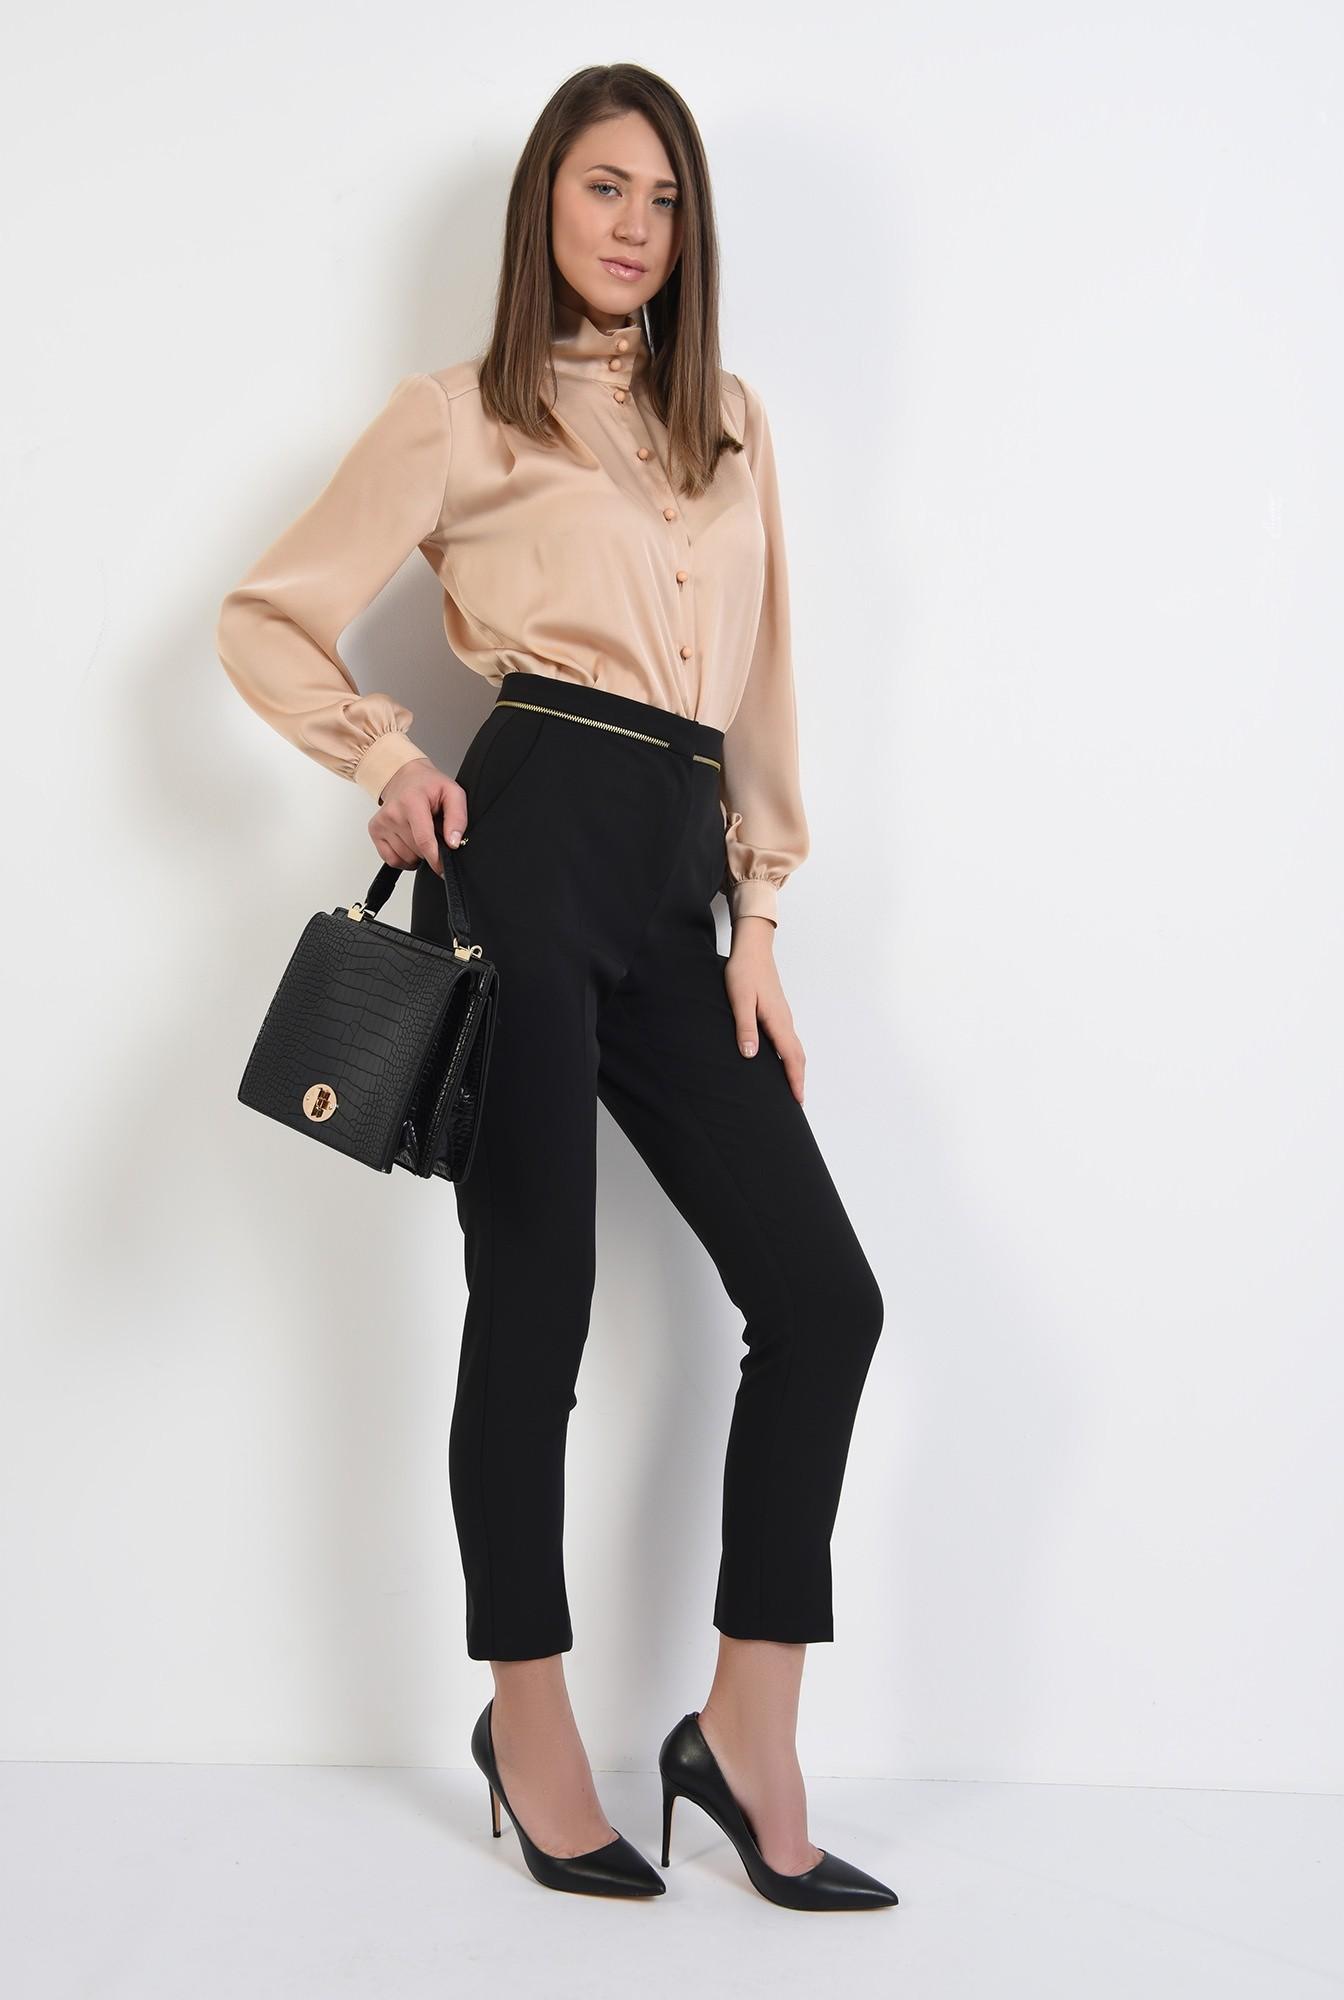 0 - pantaloni office, negri, talie medie, cu buzunare, pantaloni de primavara